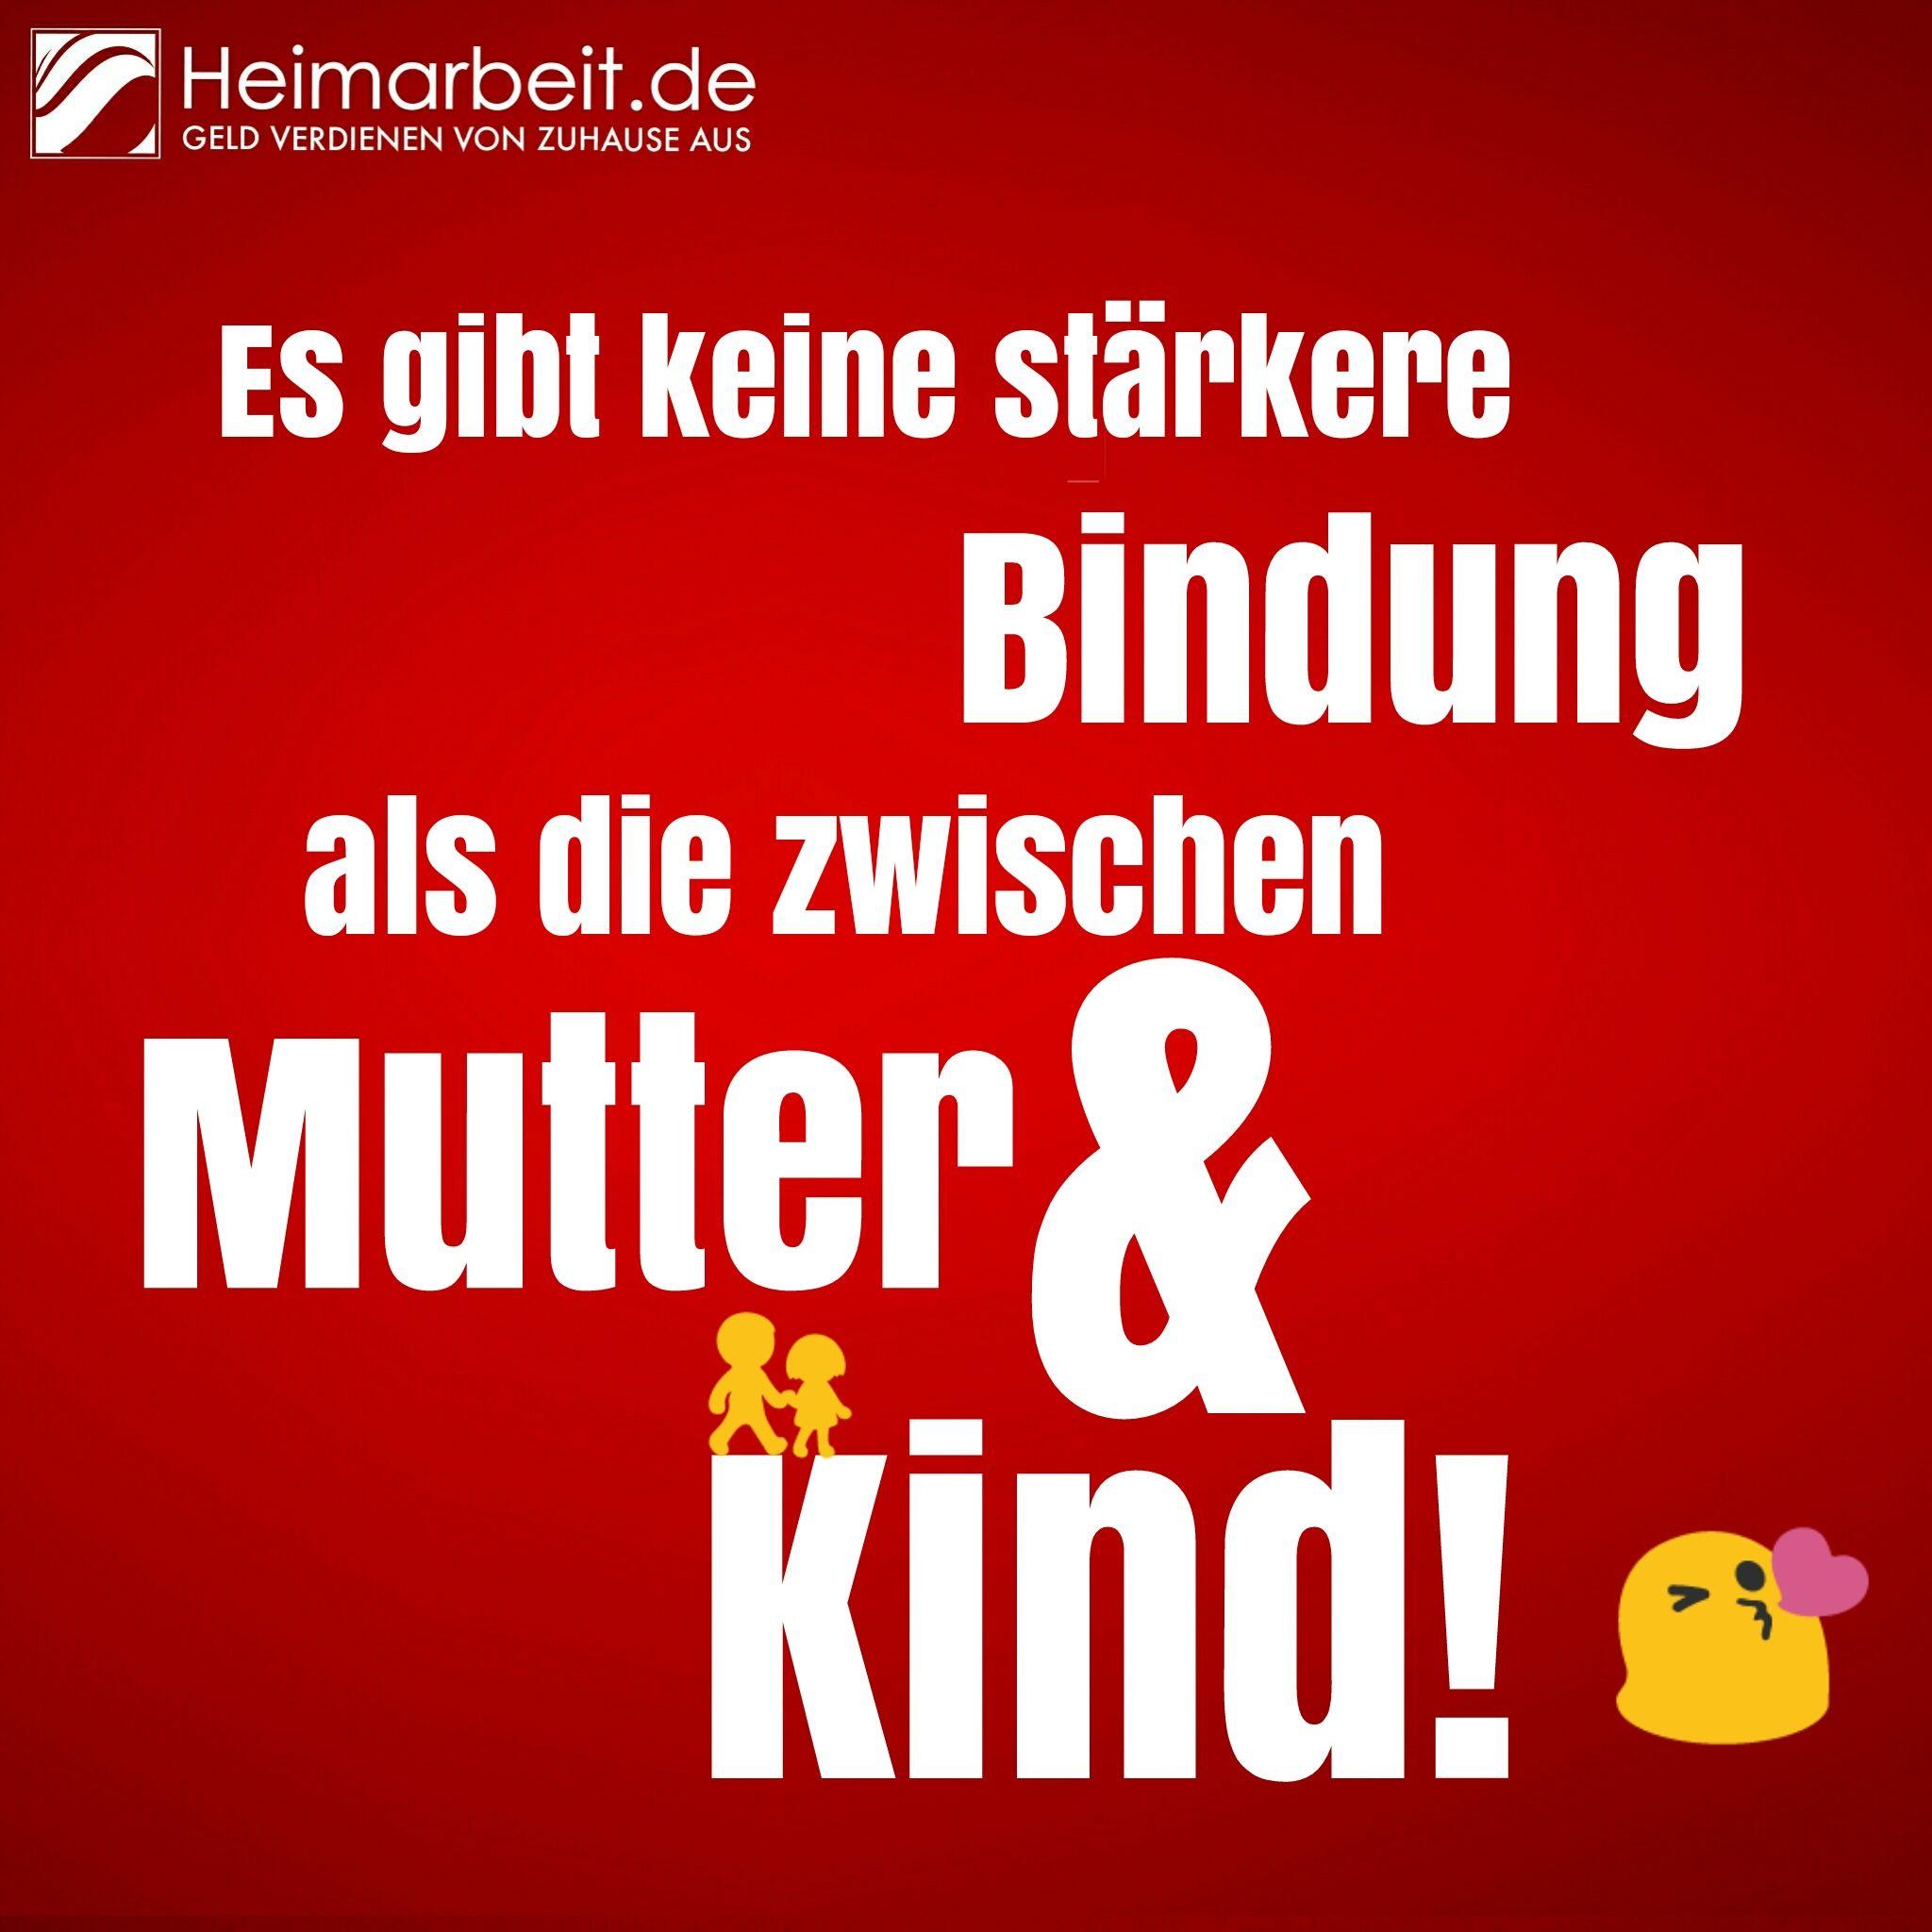 mutterliebe - sprüche www.facebook/heimarbeit.de/ geld